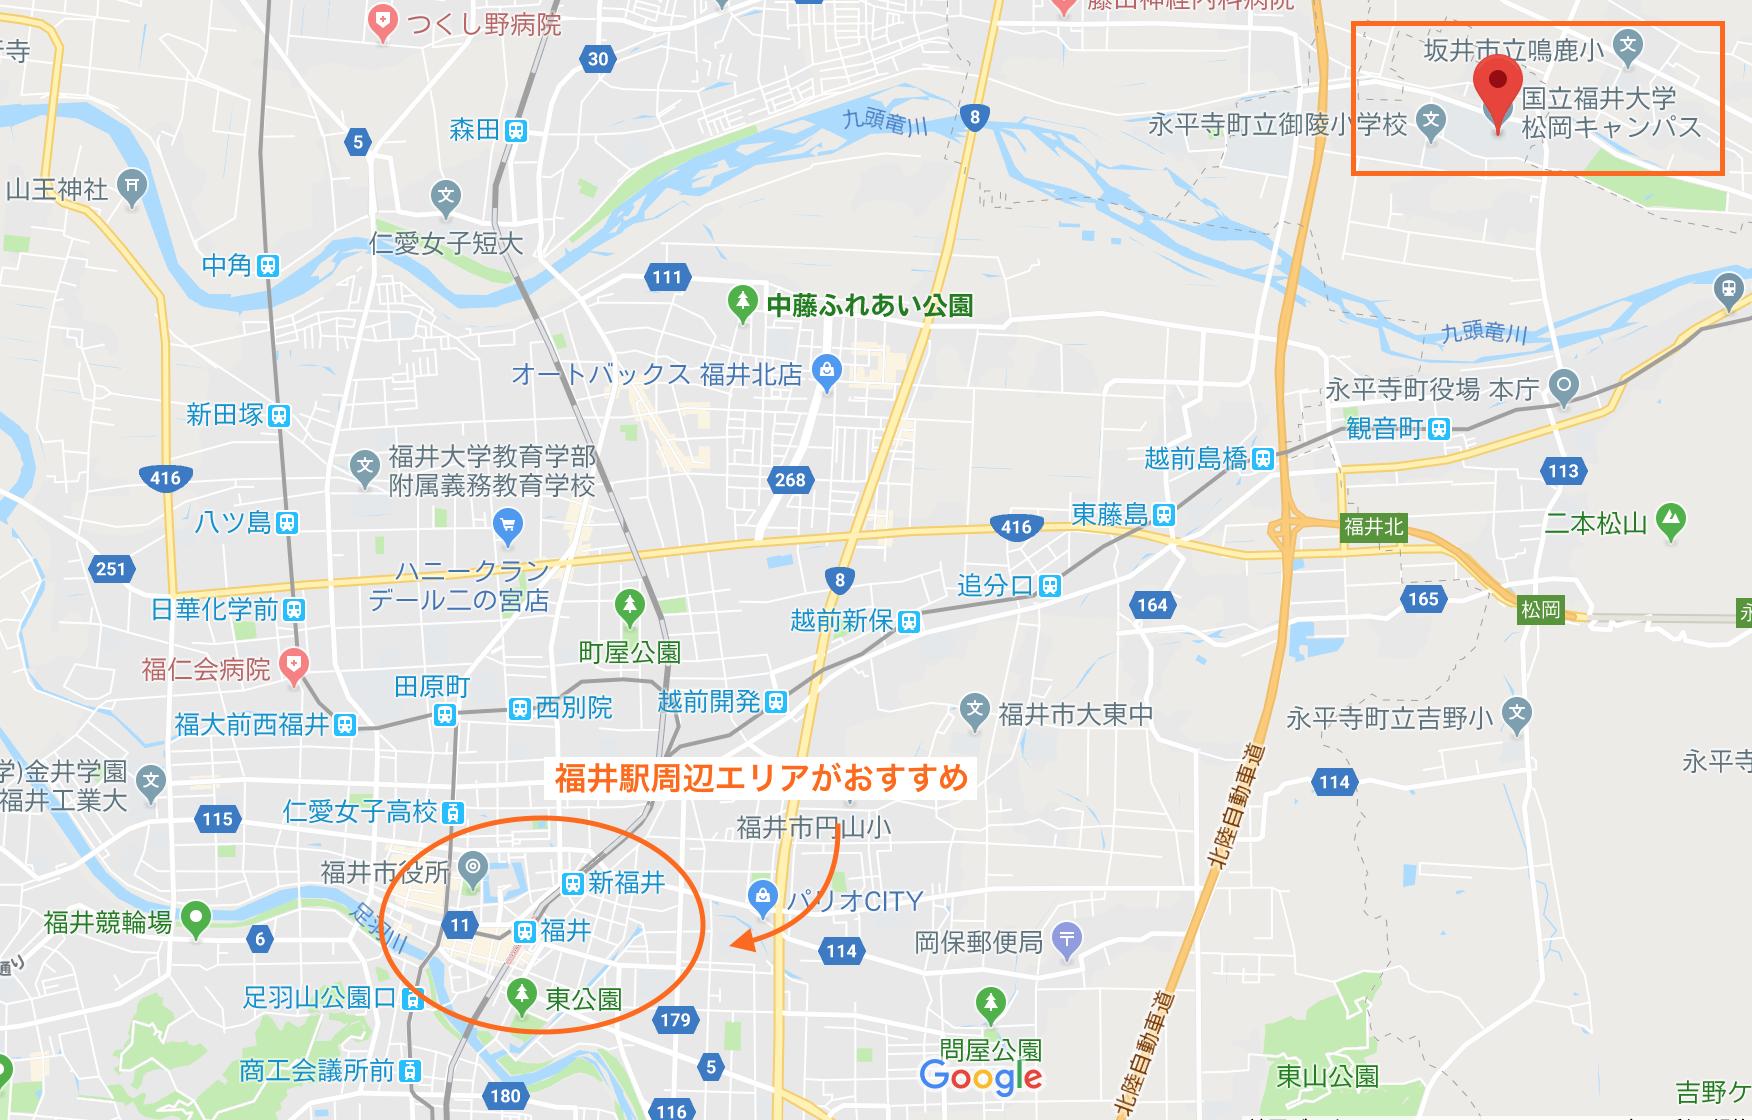 福井大学の松岡キャンパス周辺の宿泊エリア